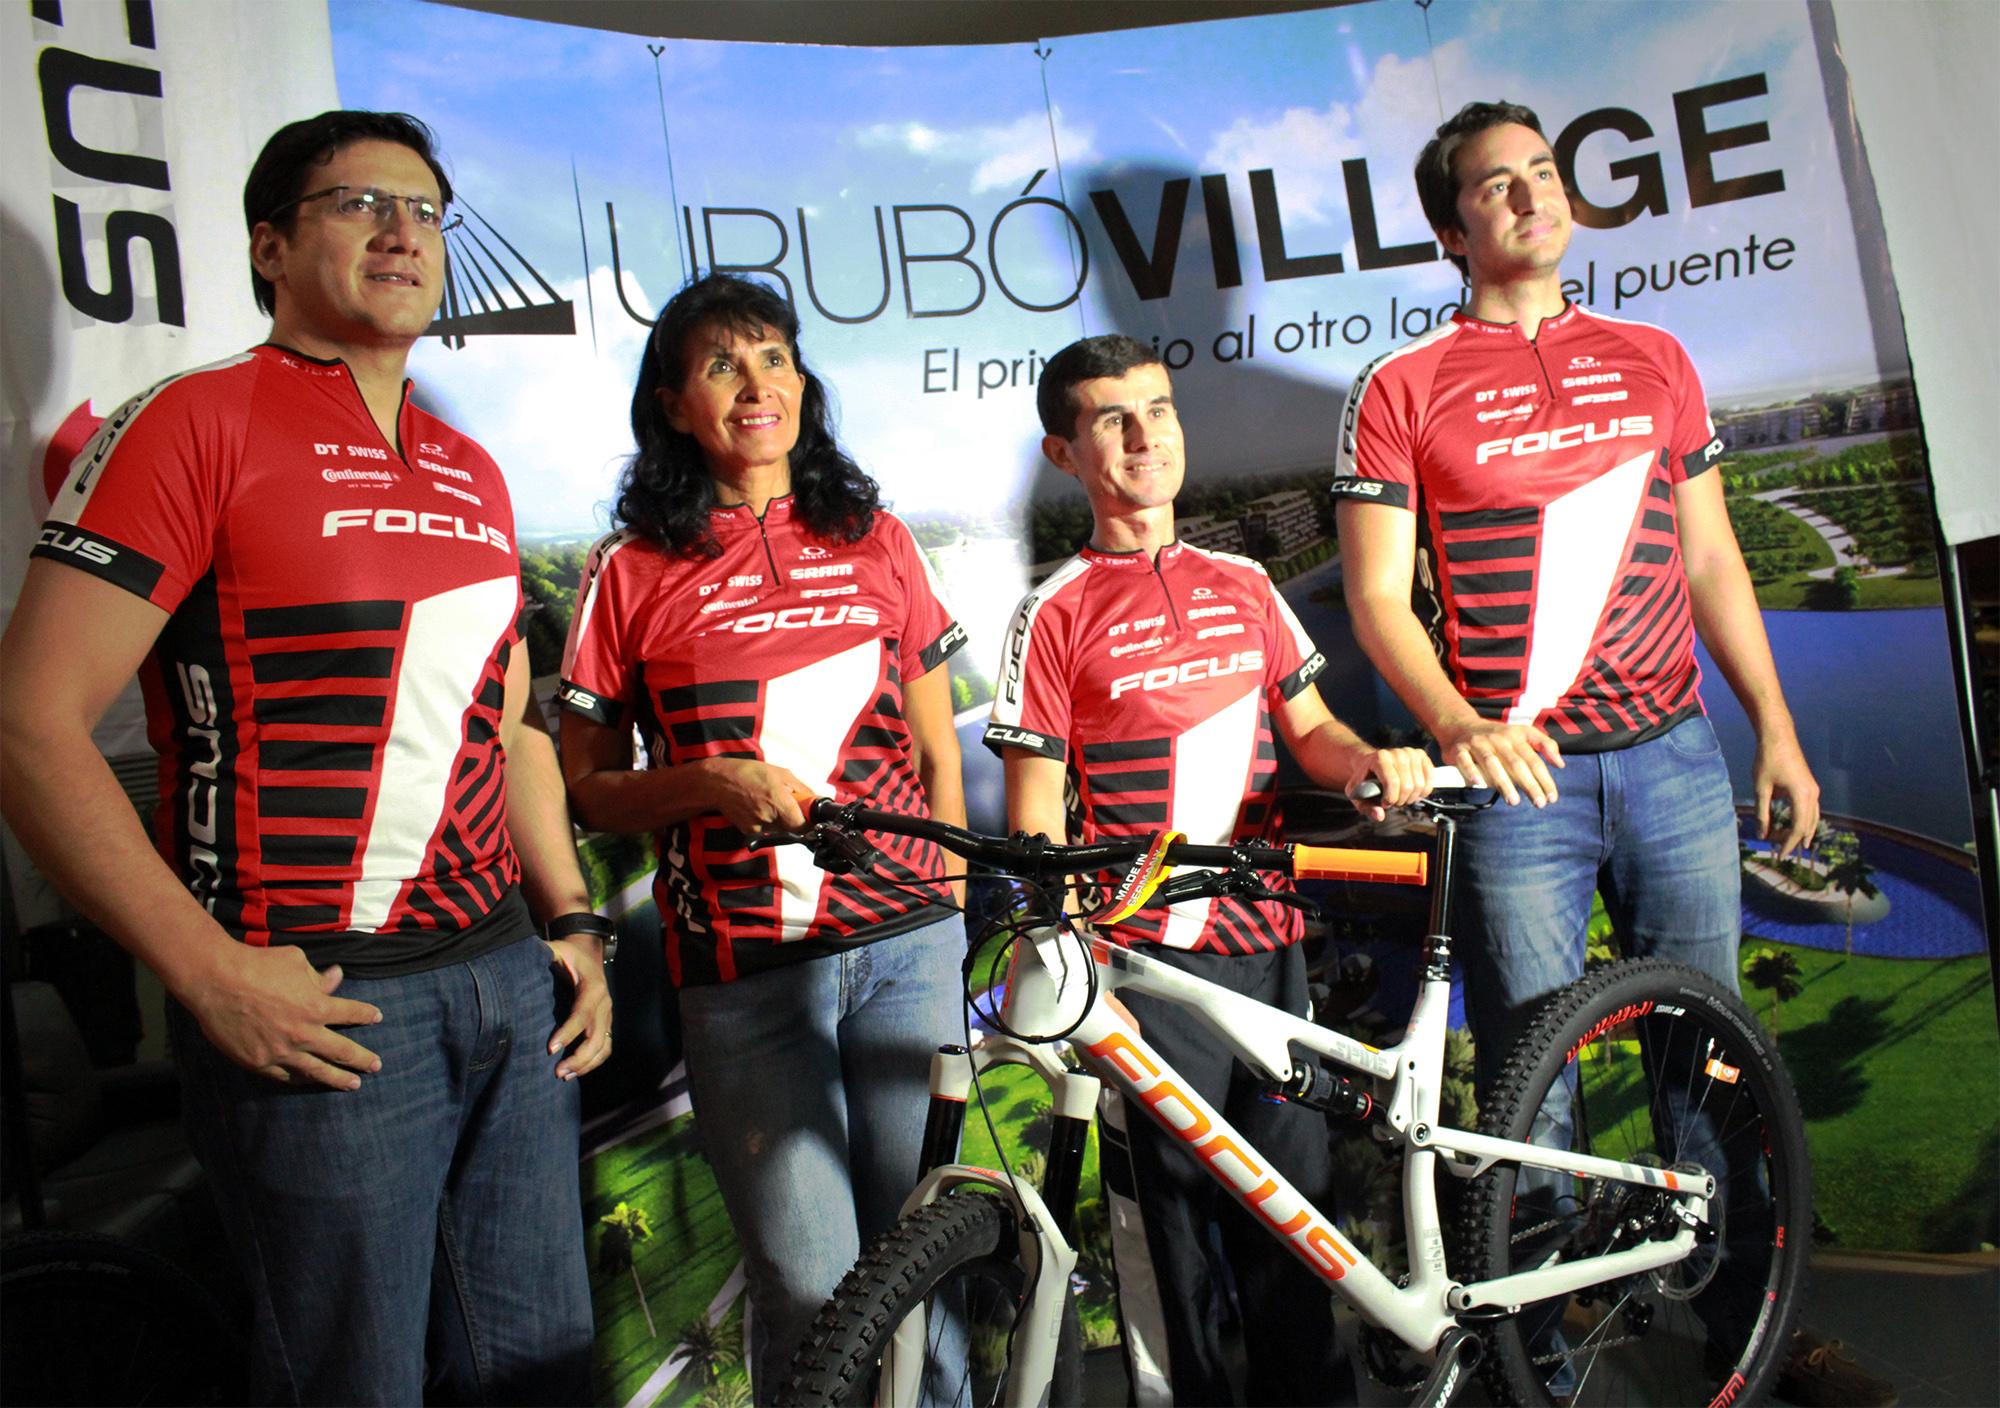 Urubo Vilage - Focus Bike (1)